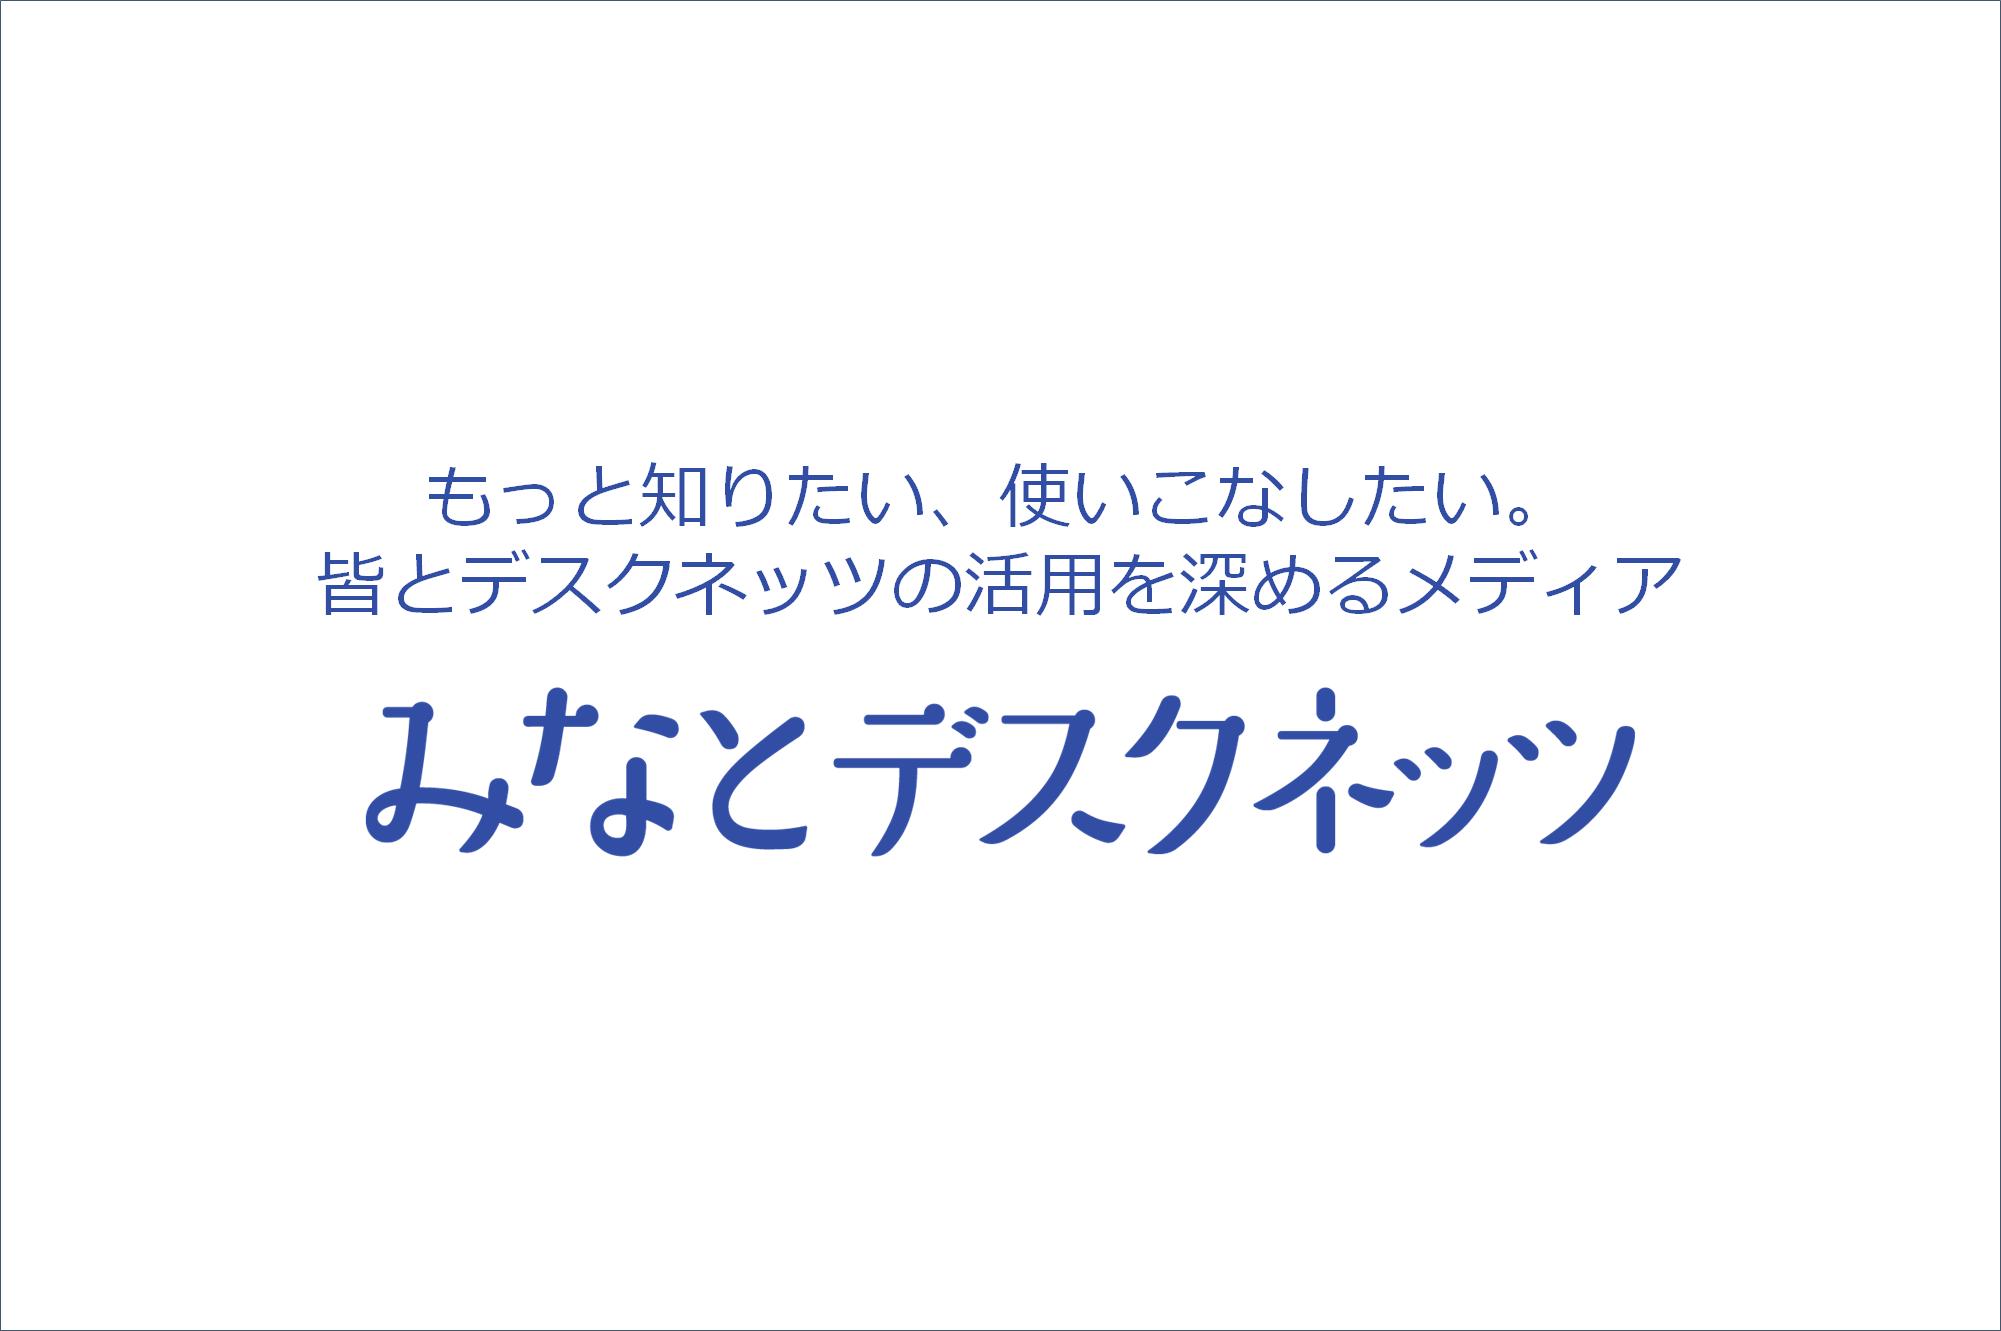 みなとデスクネッツ編集部